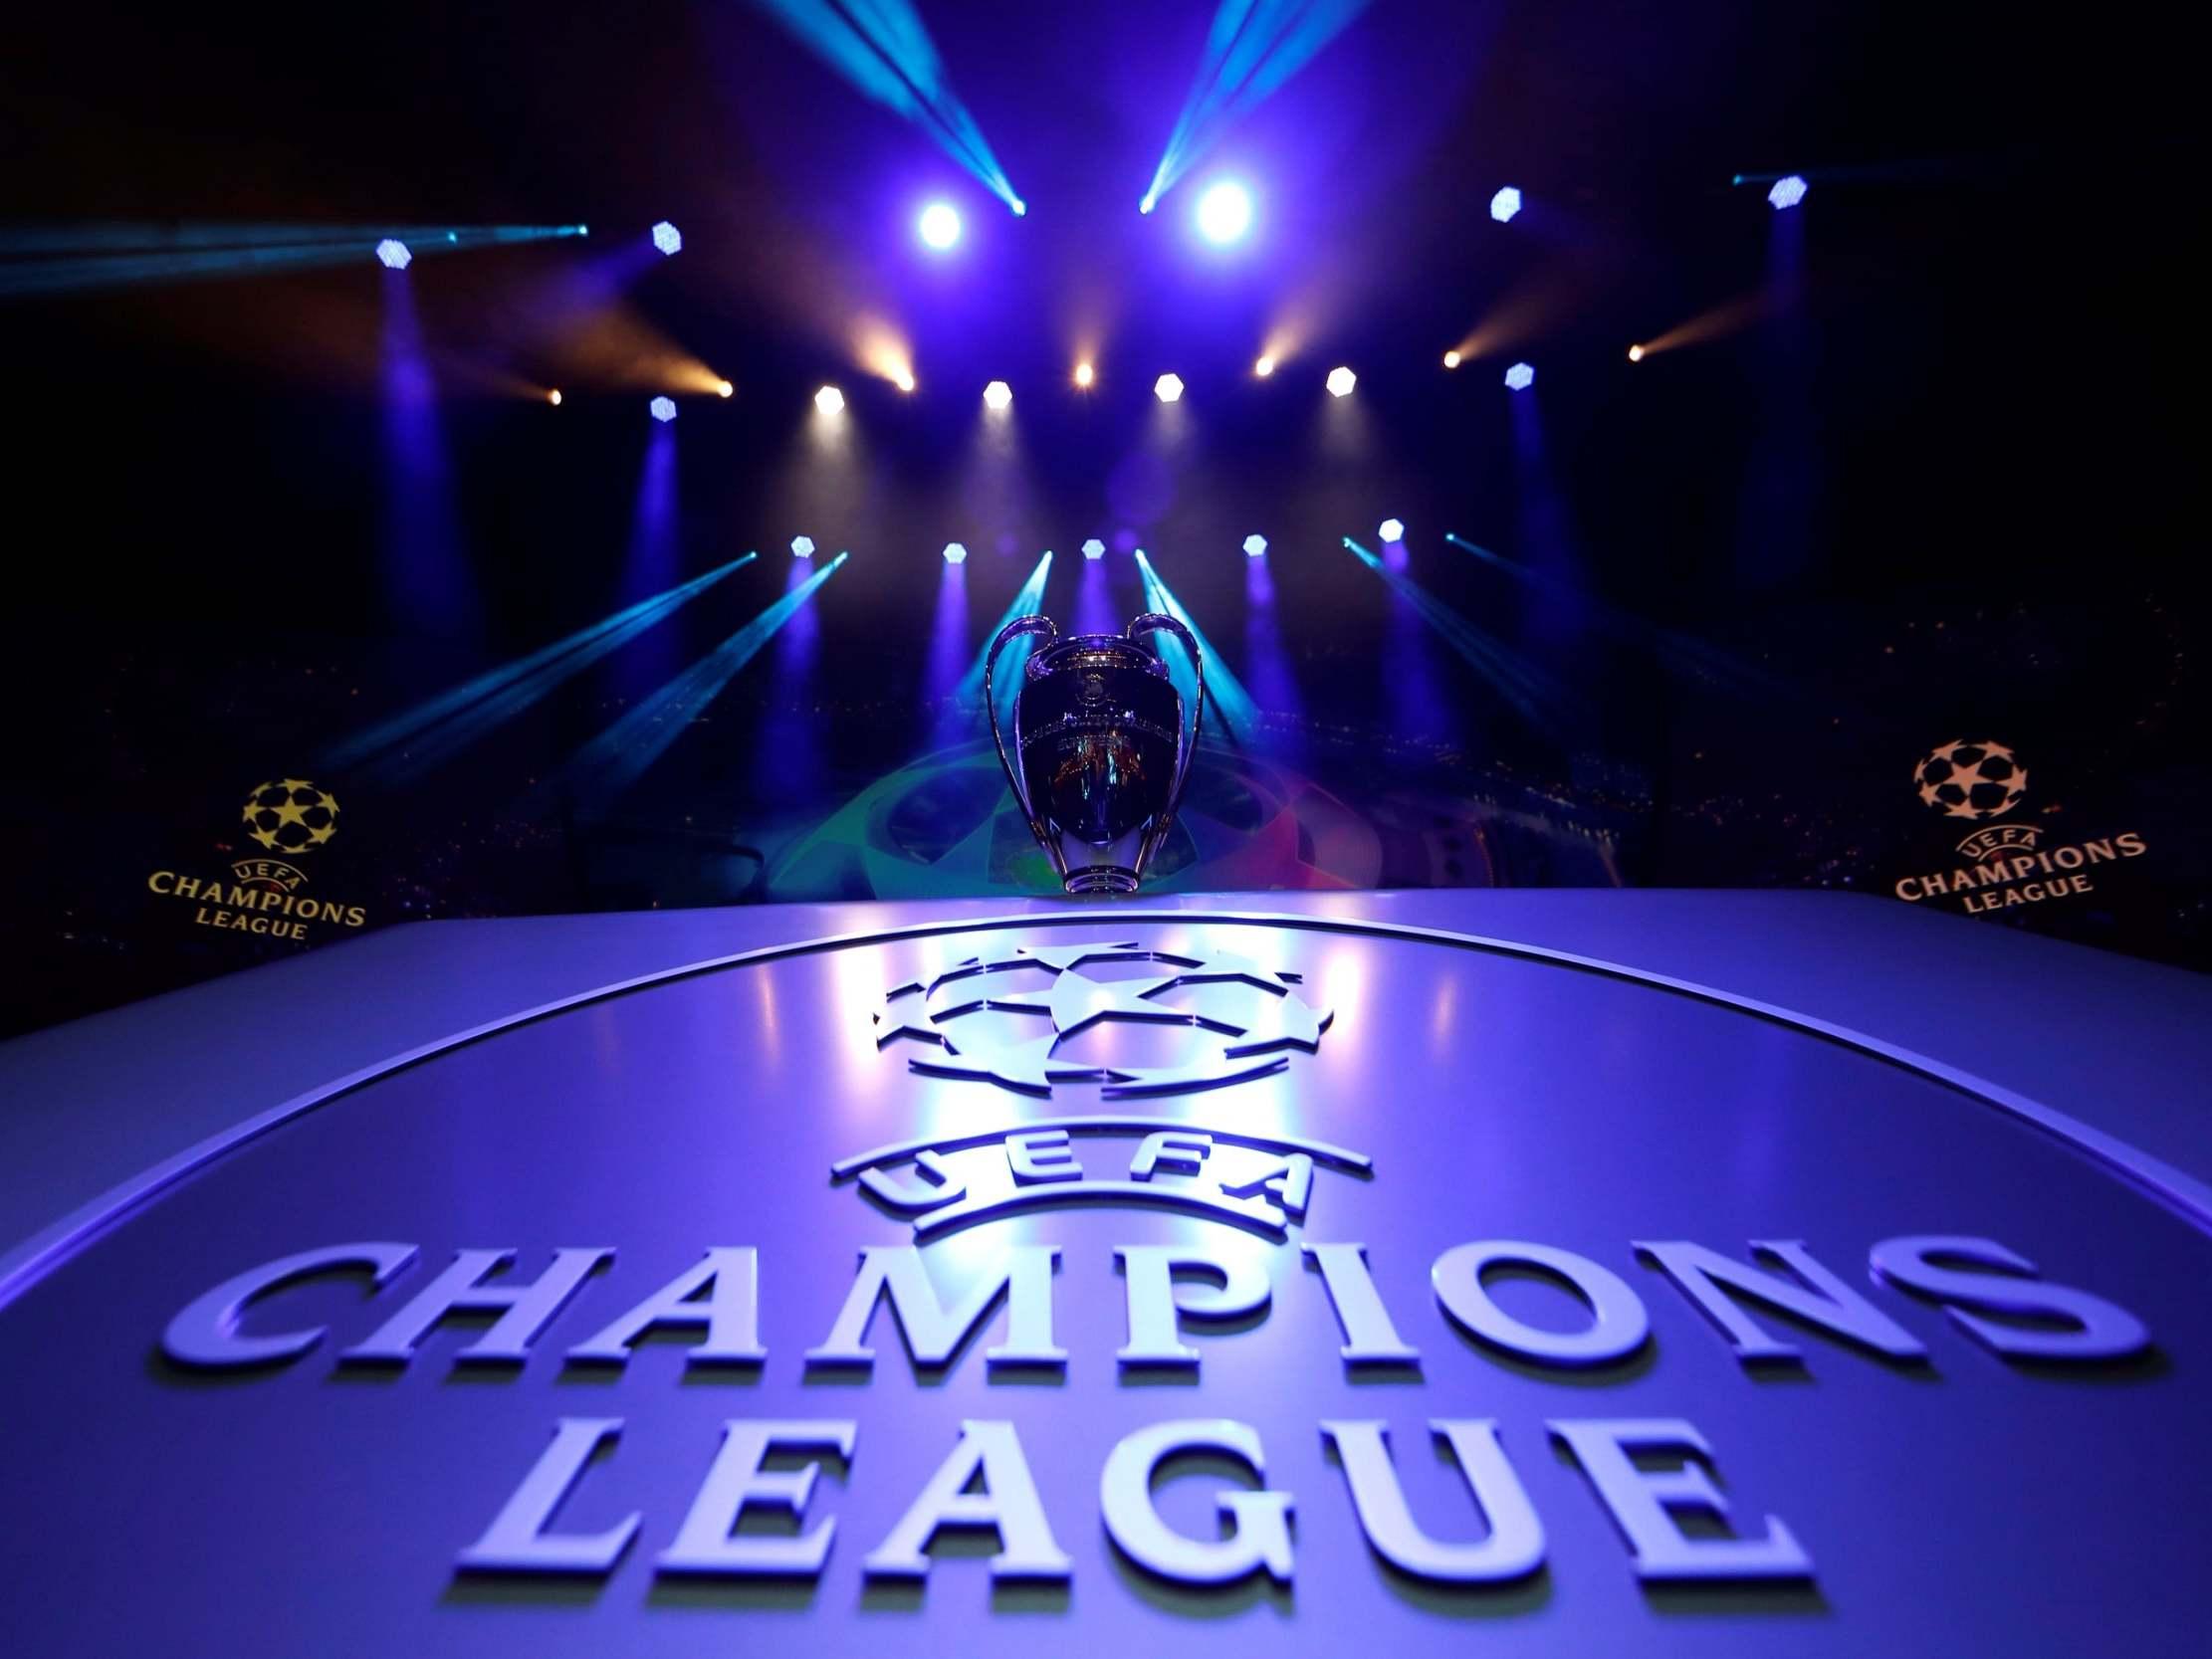 Calendario Champions 2020 Juventus.Biglietti Juventus Champions League 2019 2020